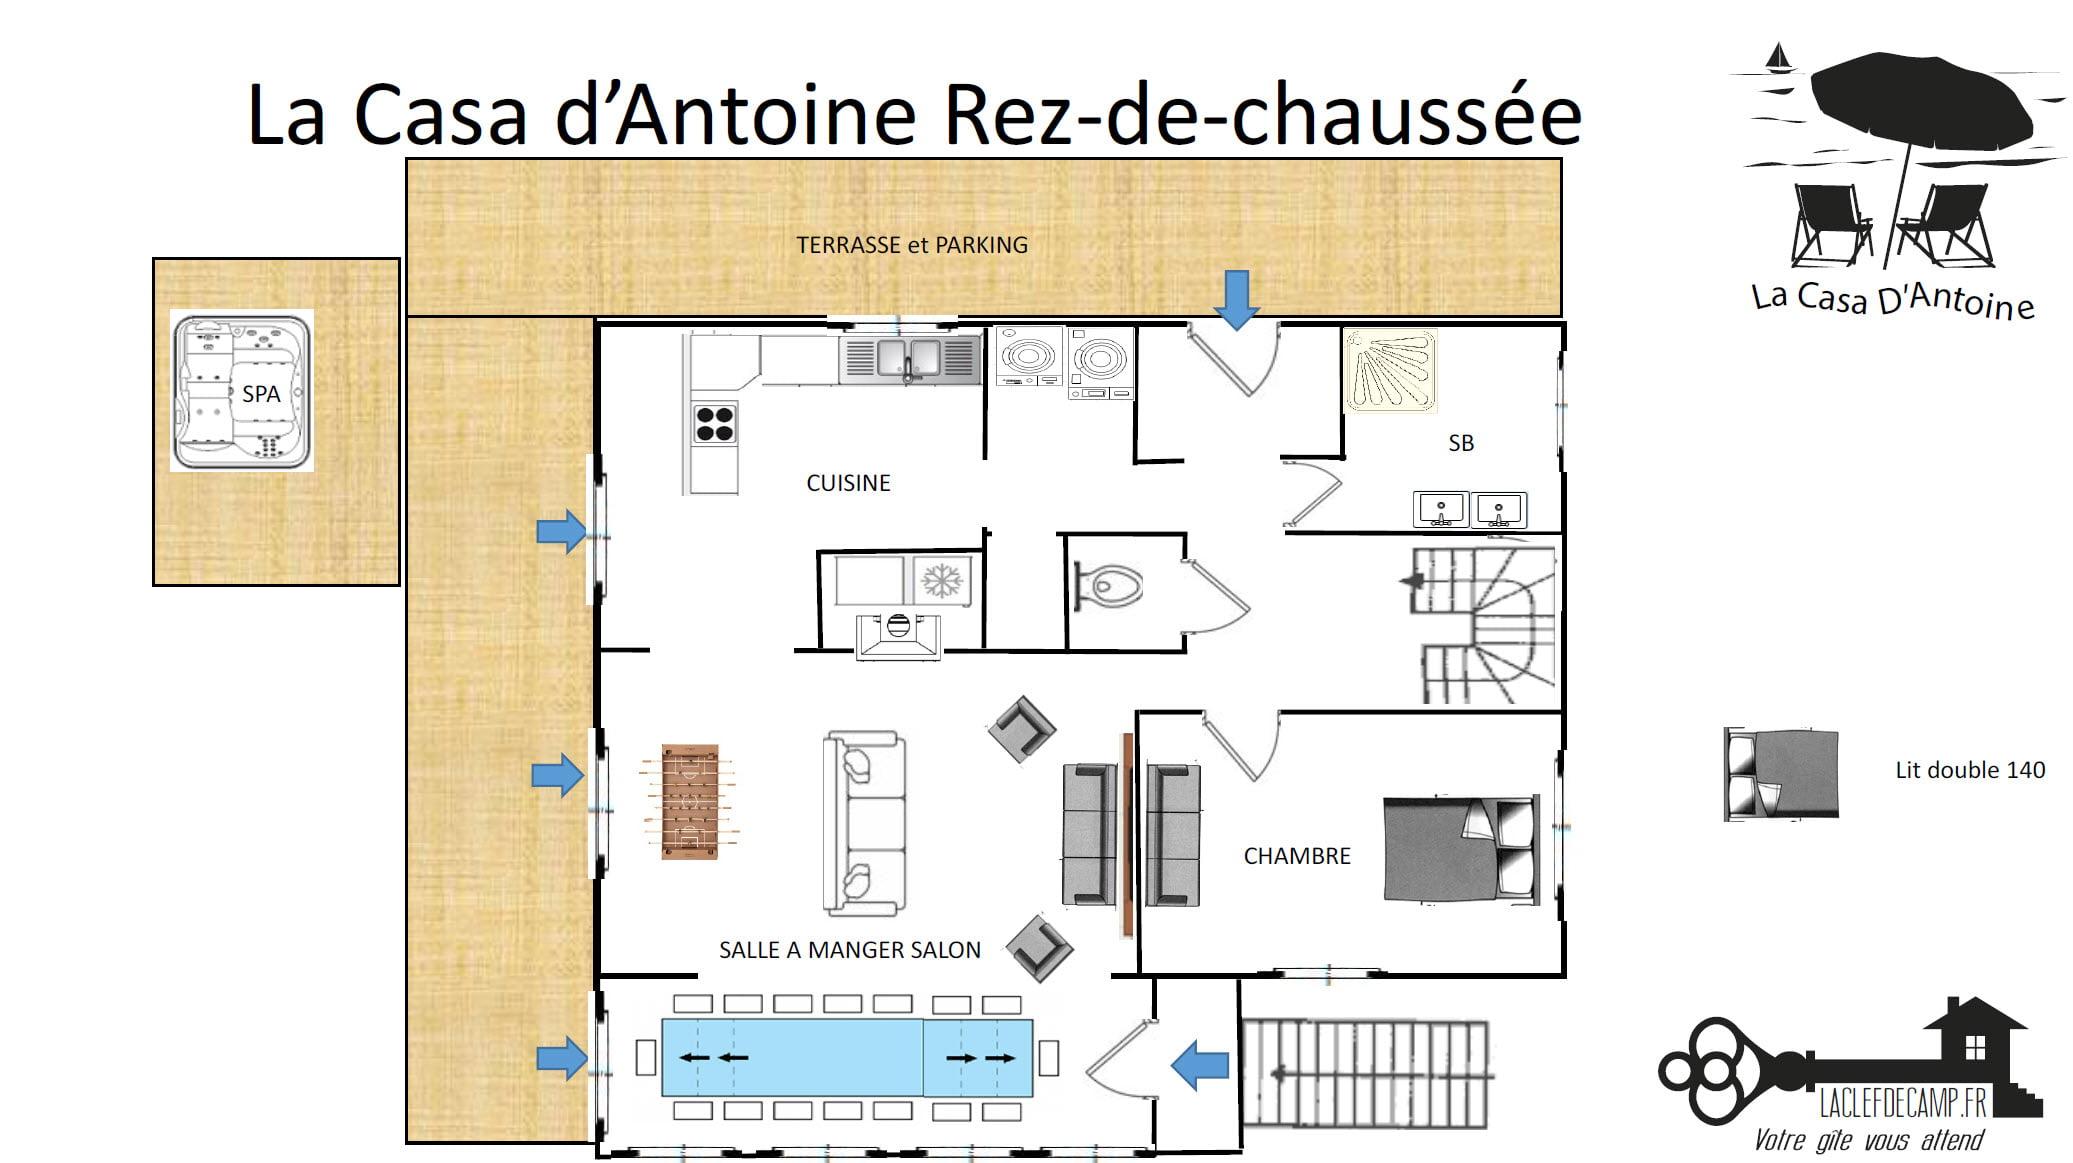 La casa dantoine RDC - La Casa d'Antoine - Location de Gite La Clef Decamp - Laclefdecamp.fr